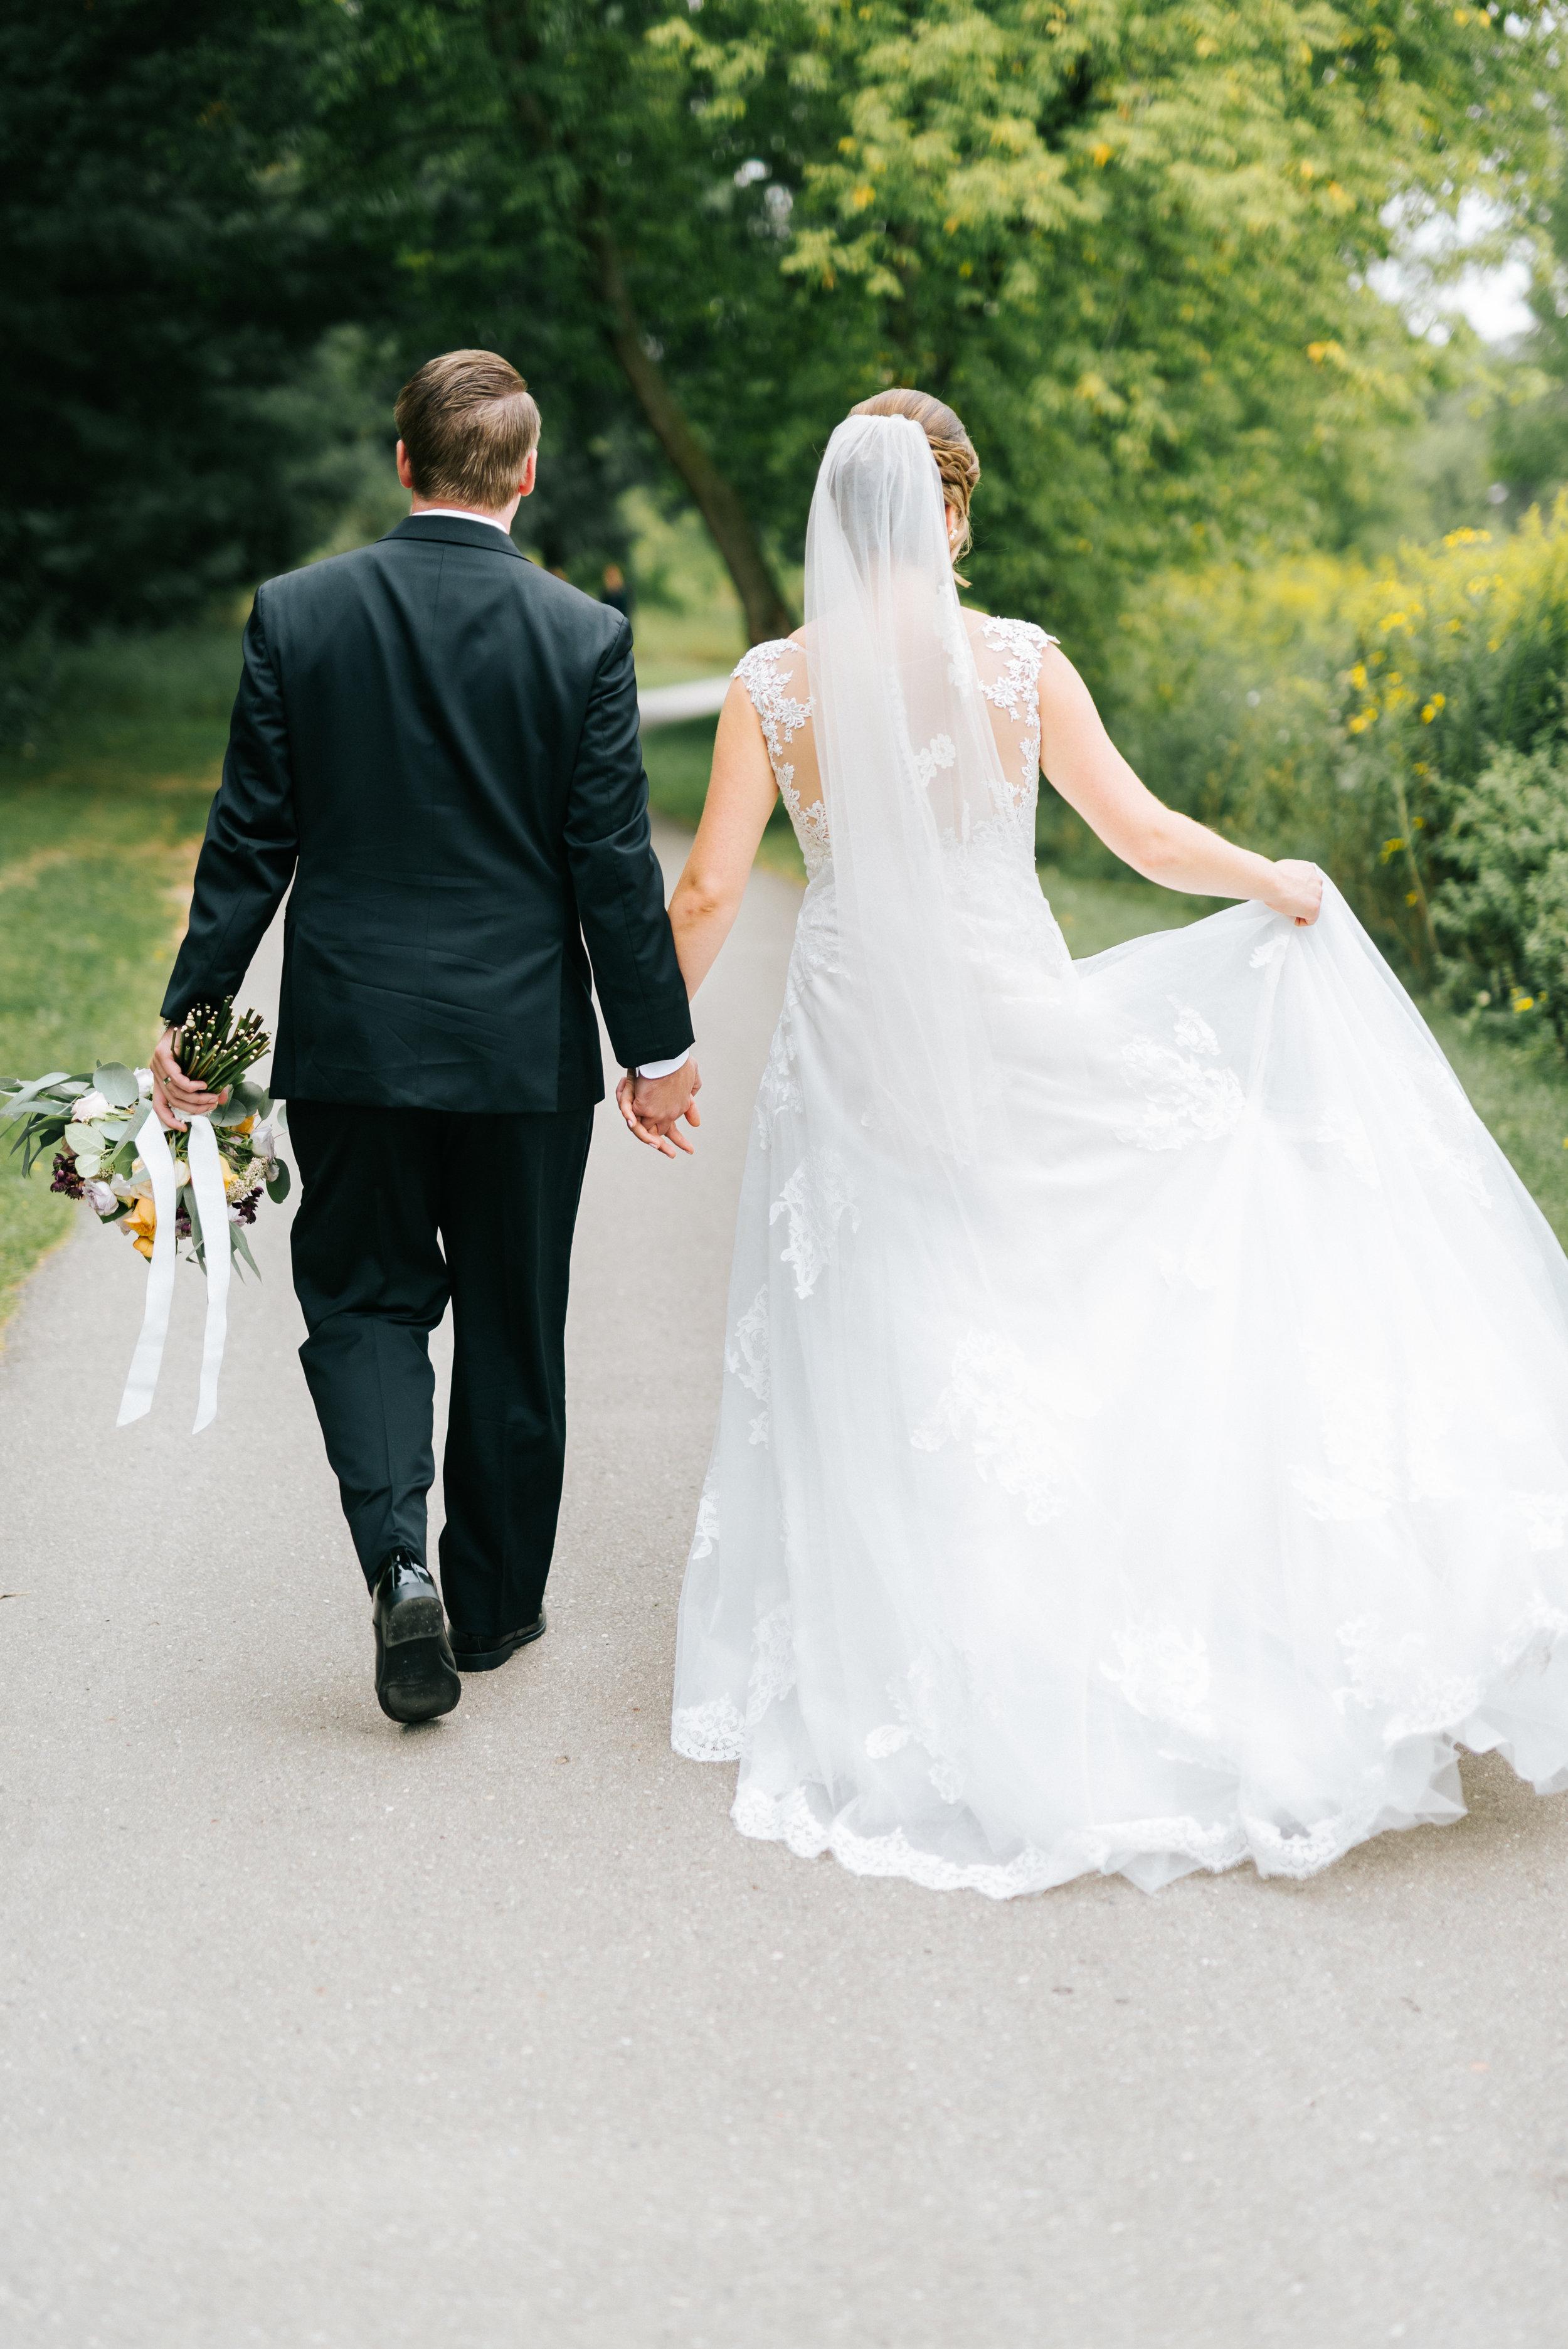 Fall Wedding in Ann Arbor Michigan